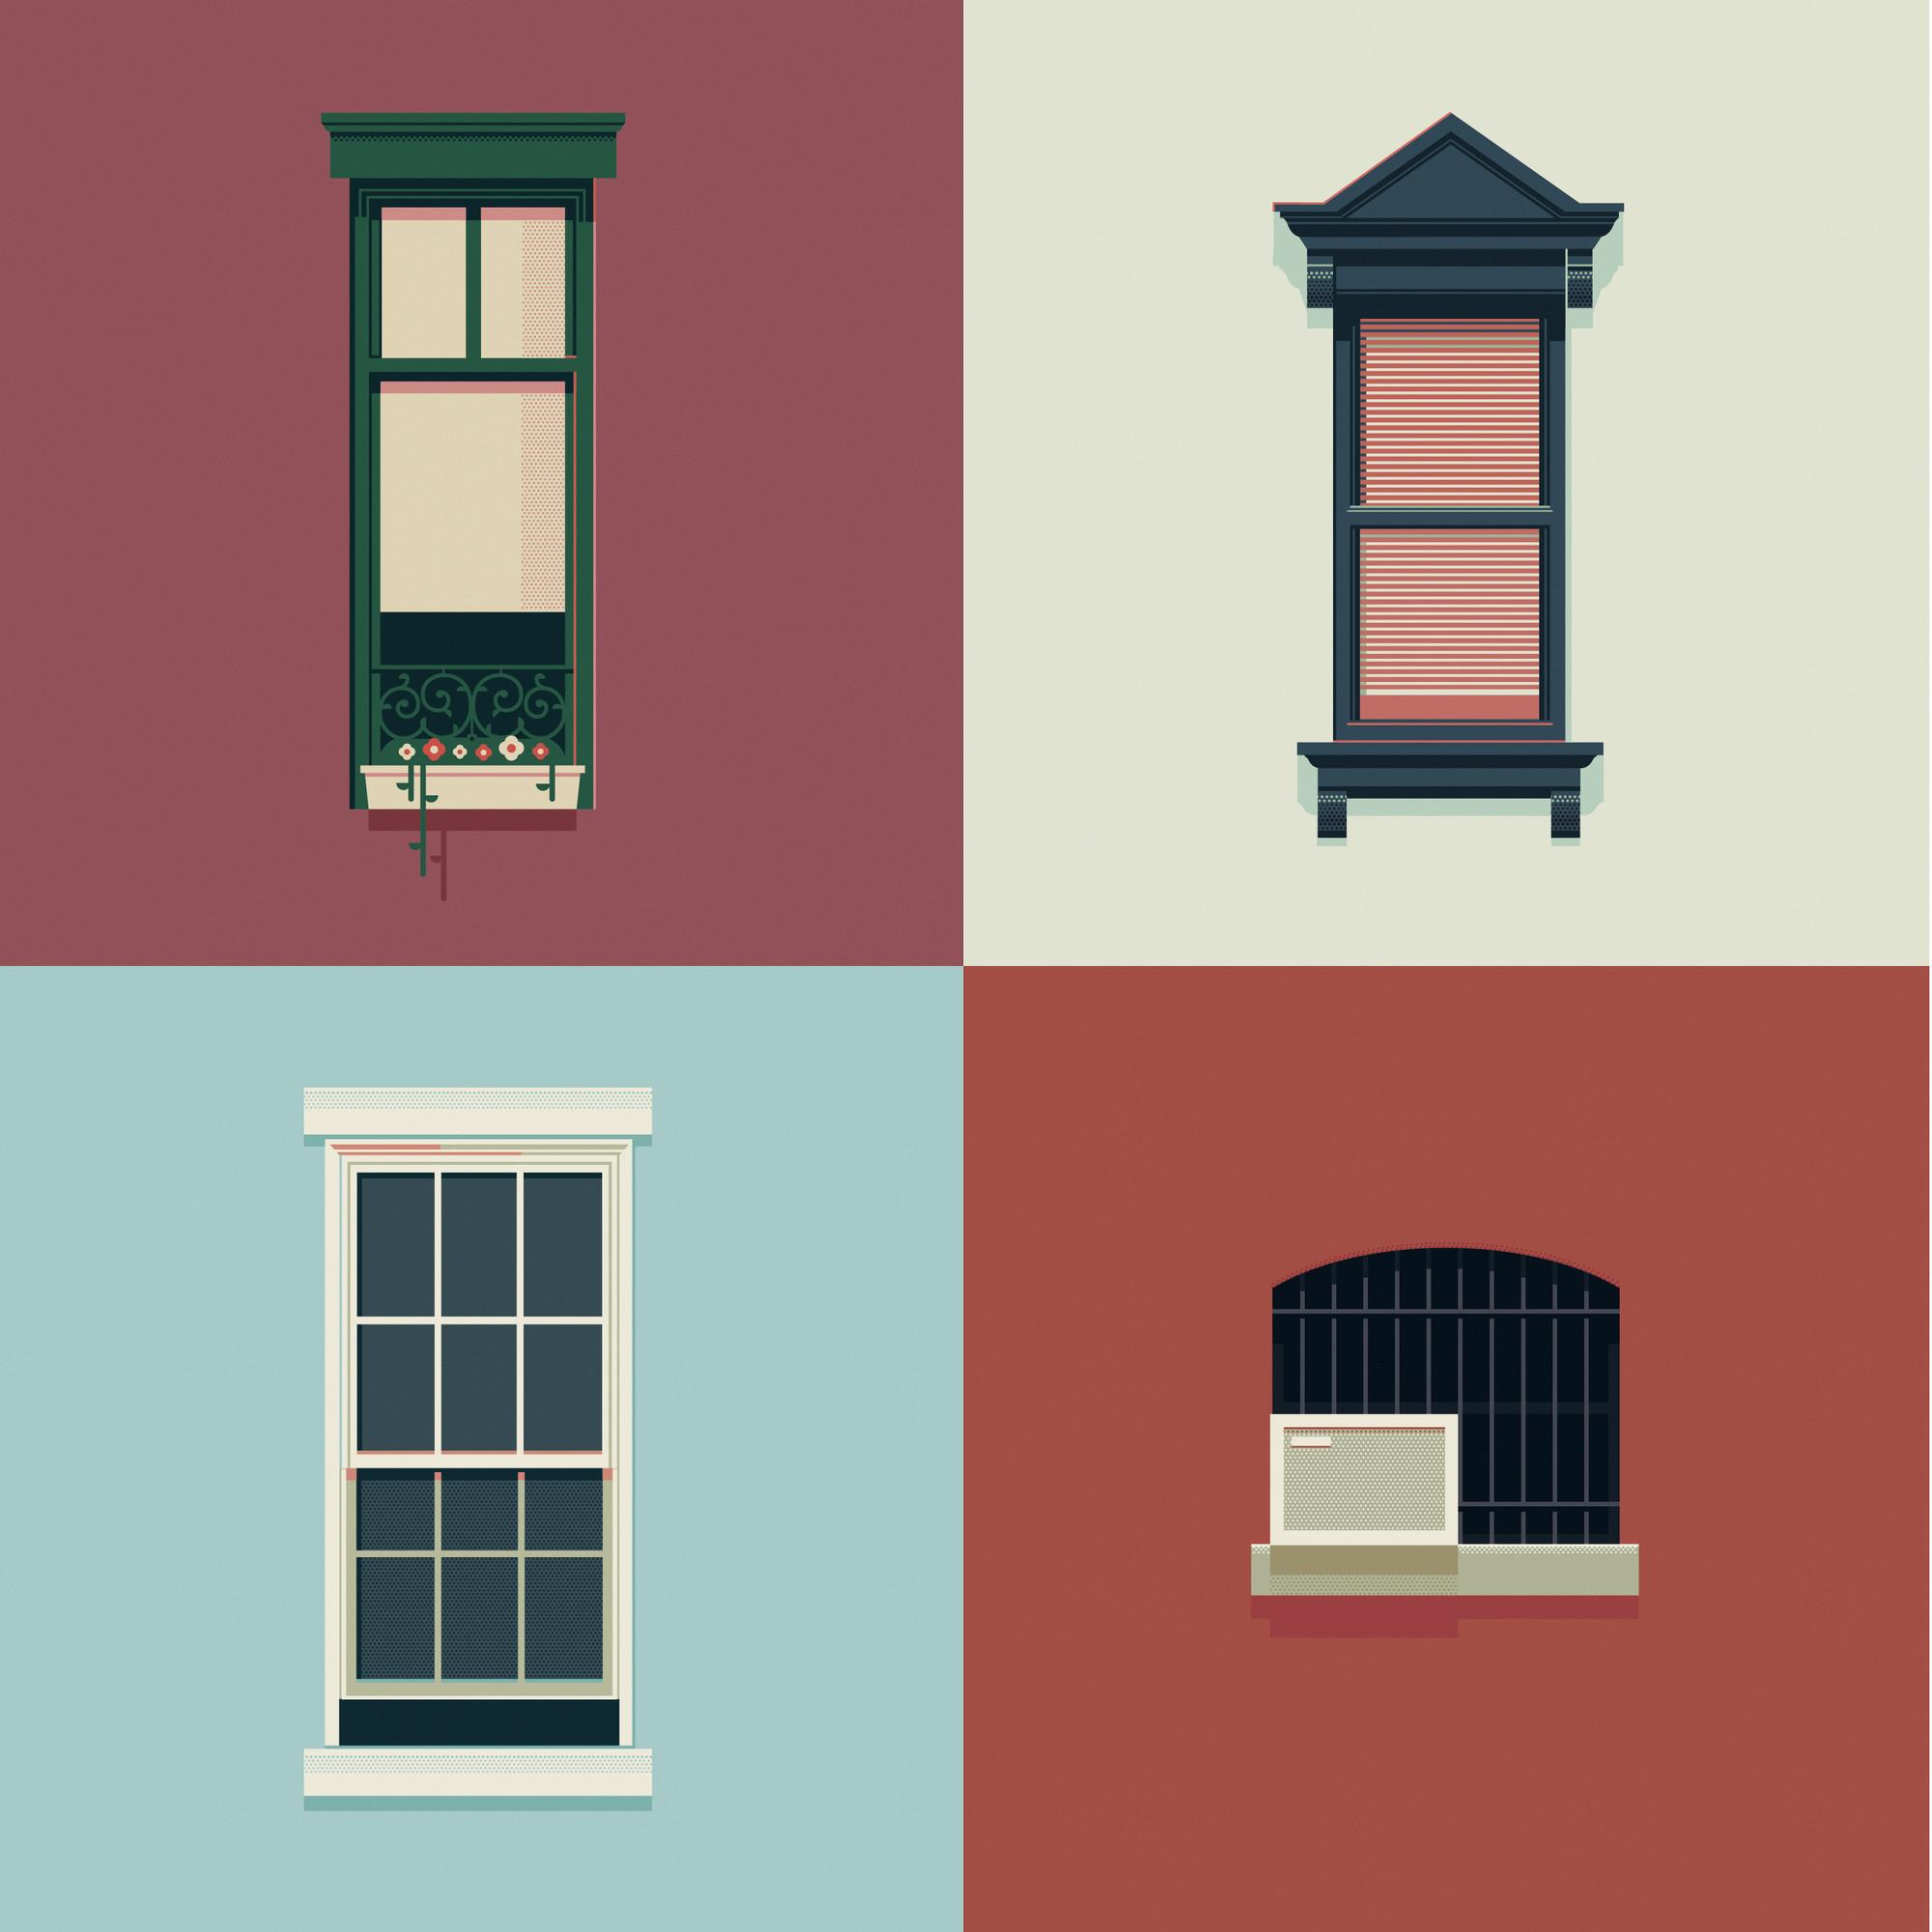 Ciudad de NY por el diseñador gráfico José Guizar, quien captura la ecléctica gama de ventanas a través de ilustraciones semanales. Imagen cortesía de José Guizar